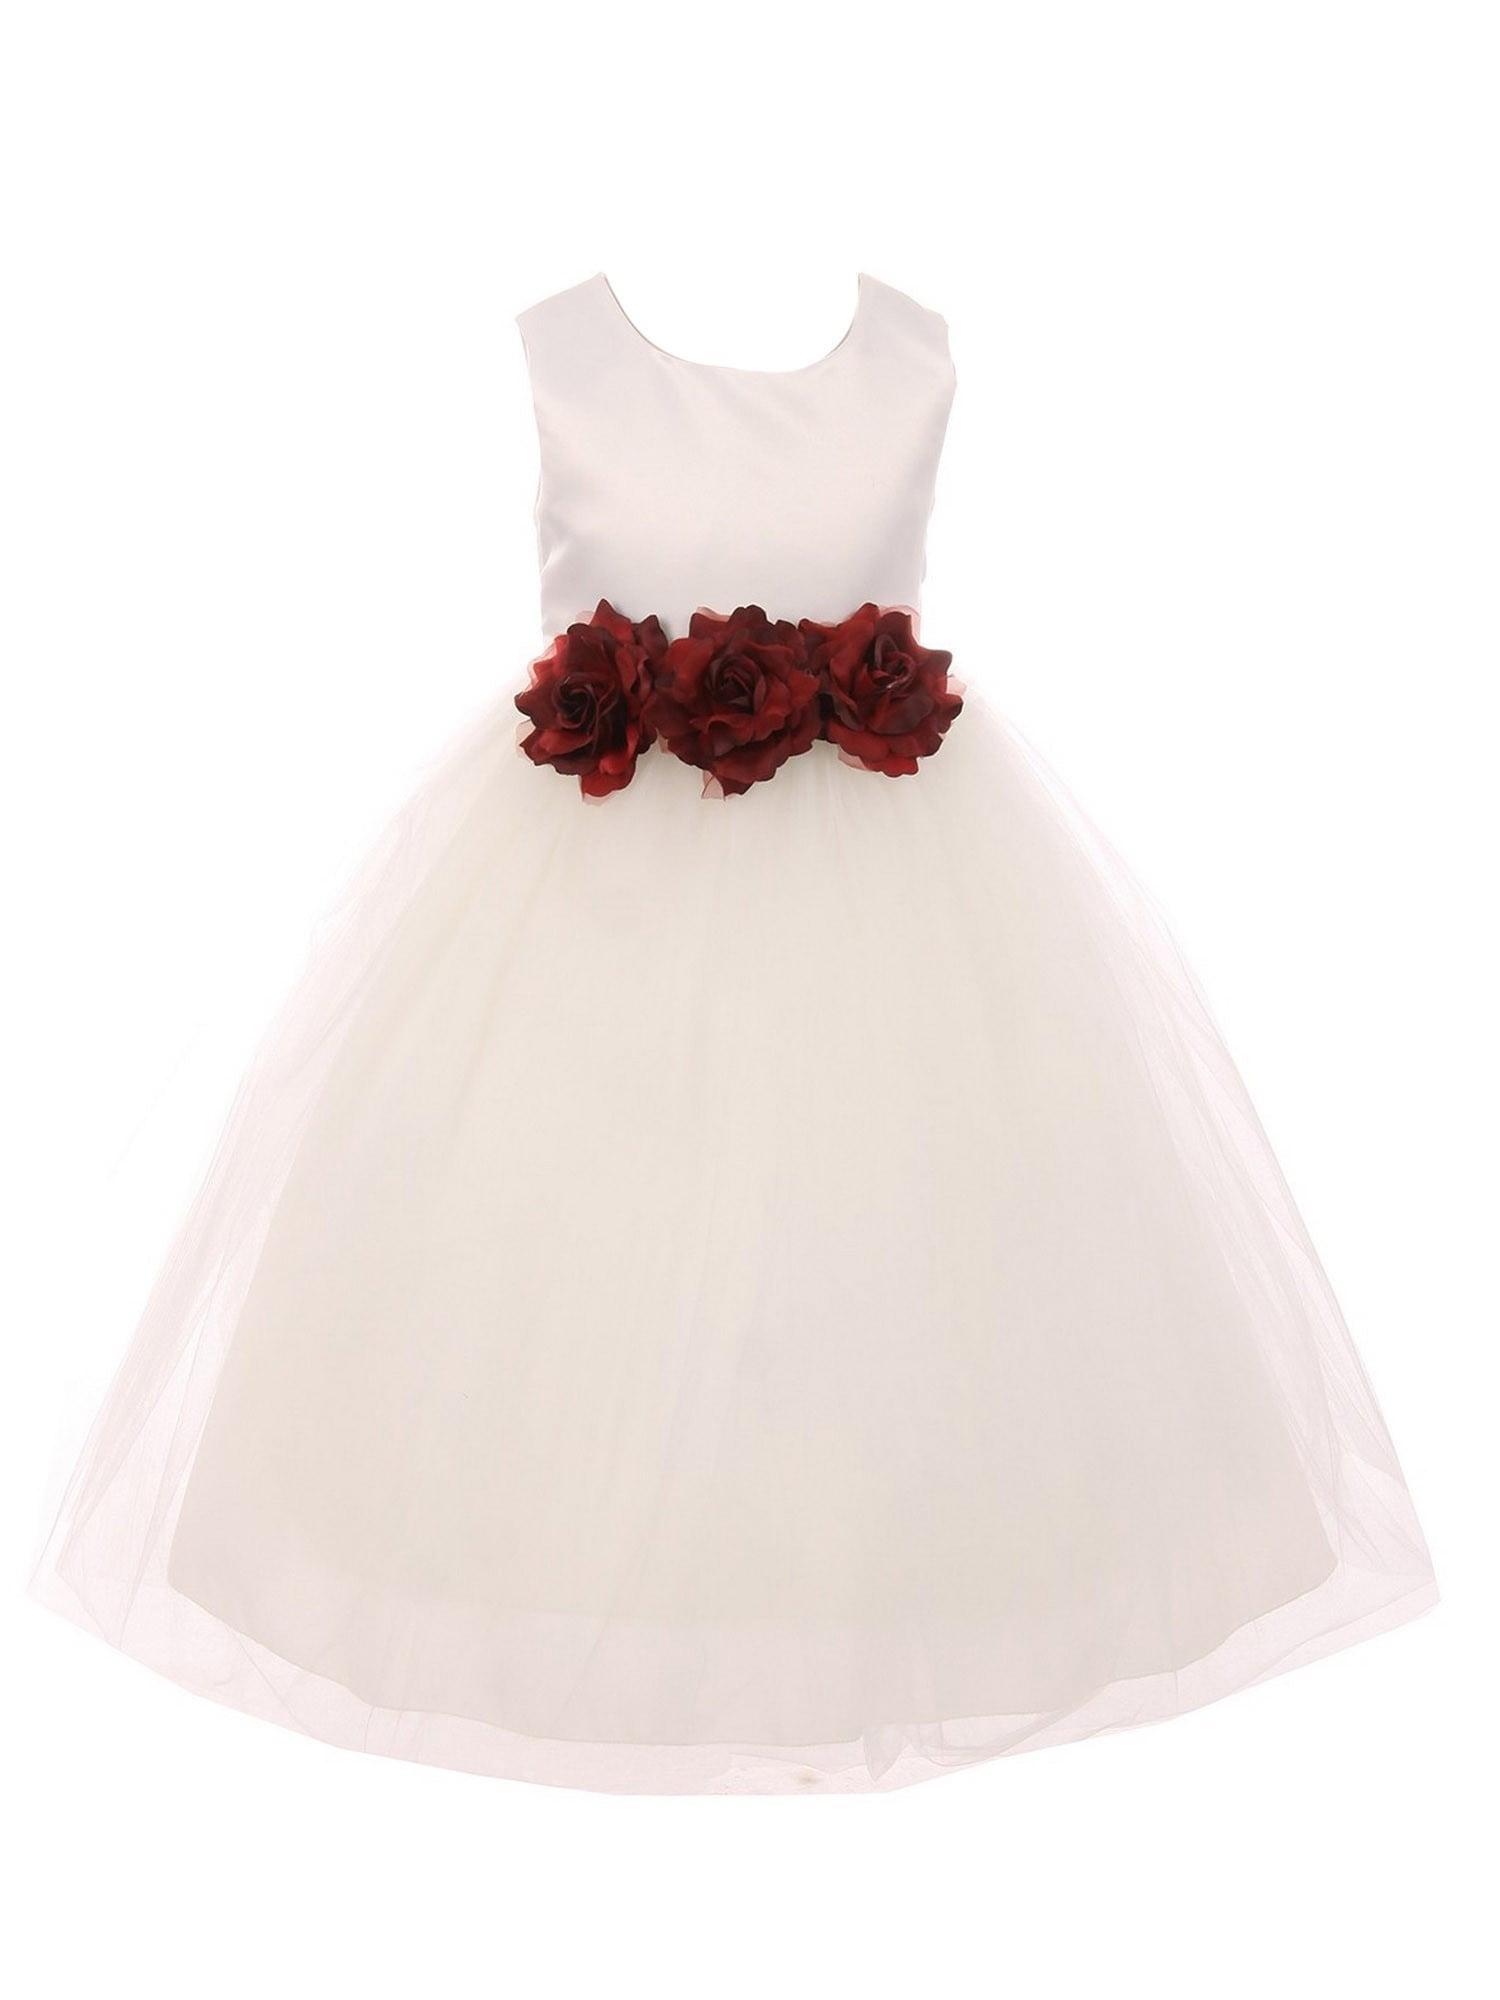 Kids Dream Little Girls Ivory Burgundy Floral Satin Flower Girl Dress